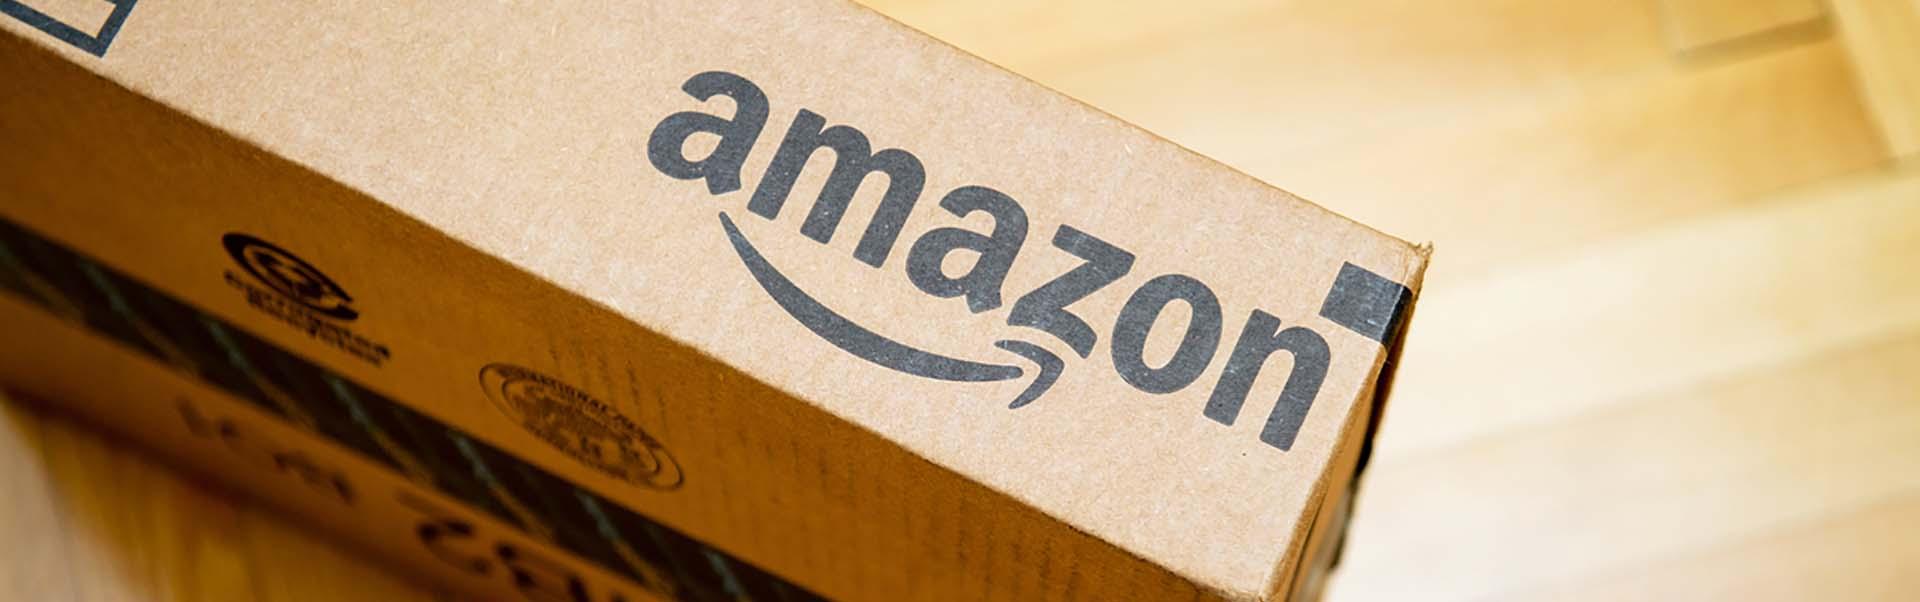 SEOenred, Agencia SEO - ¿Porque Amazon?